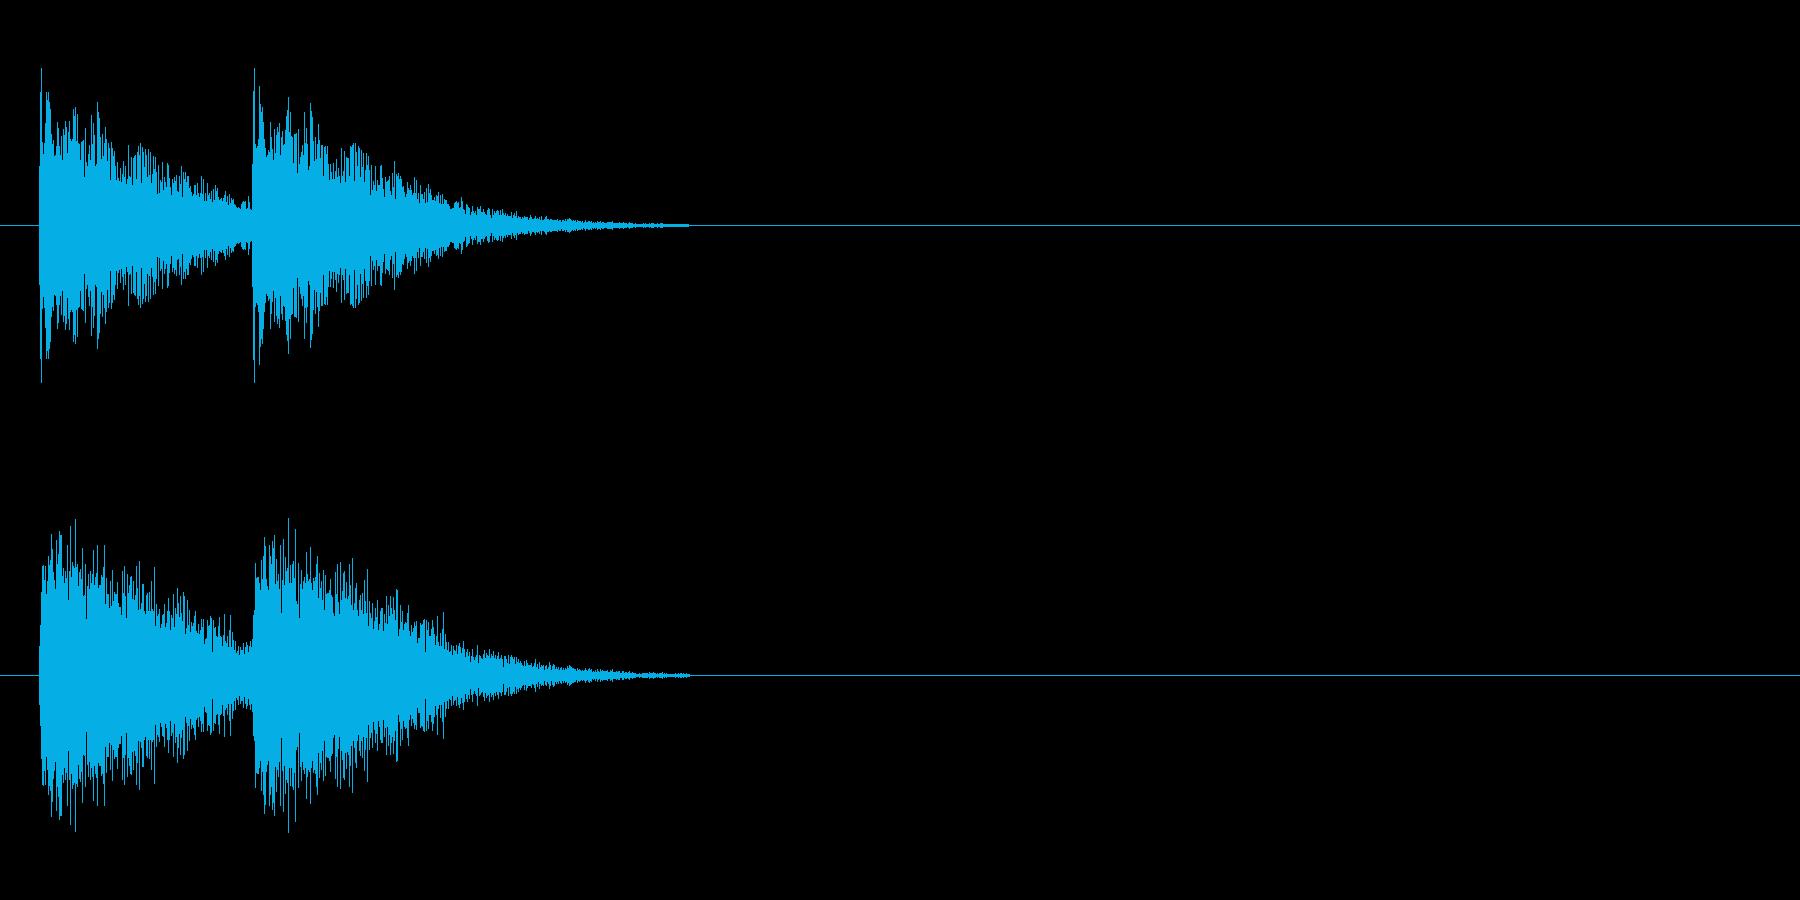 ダメージ音 5の再生済みの波形